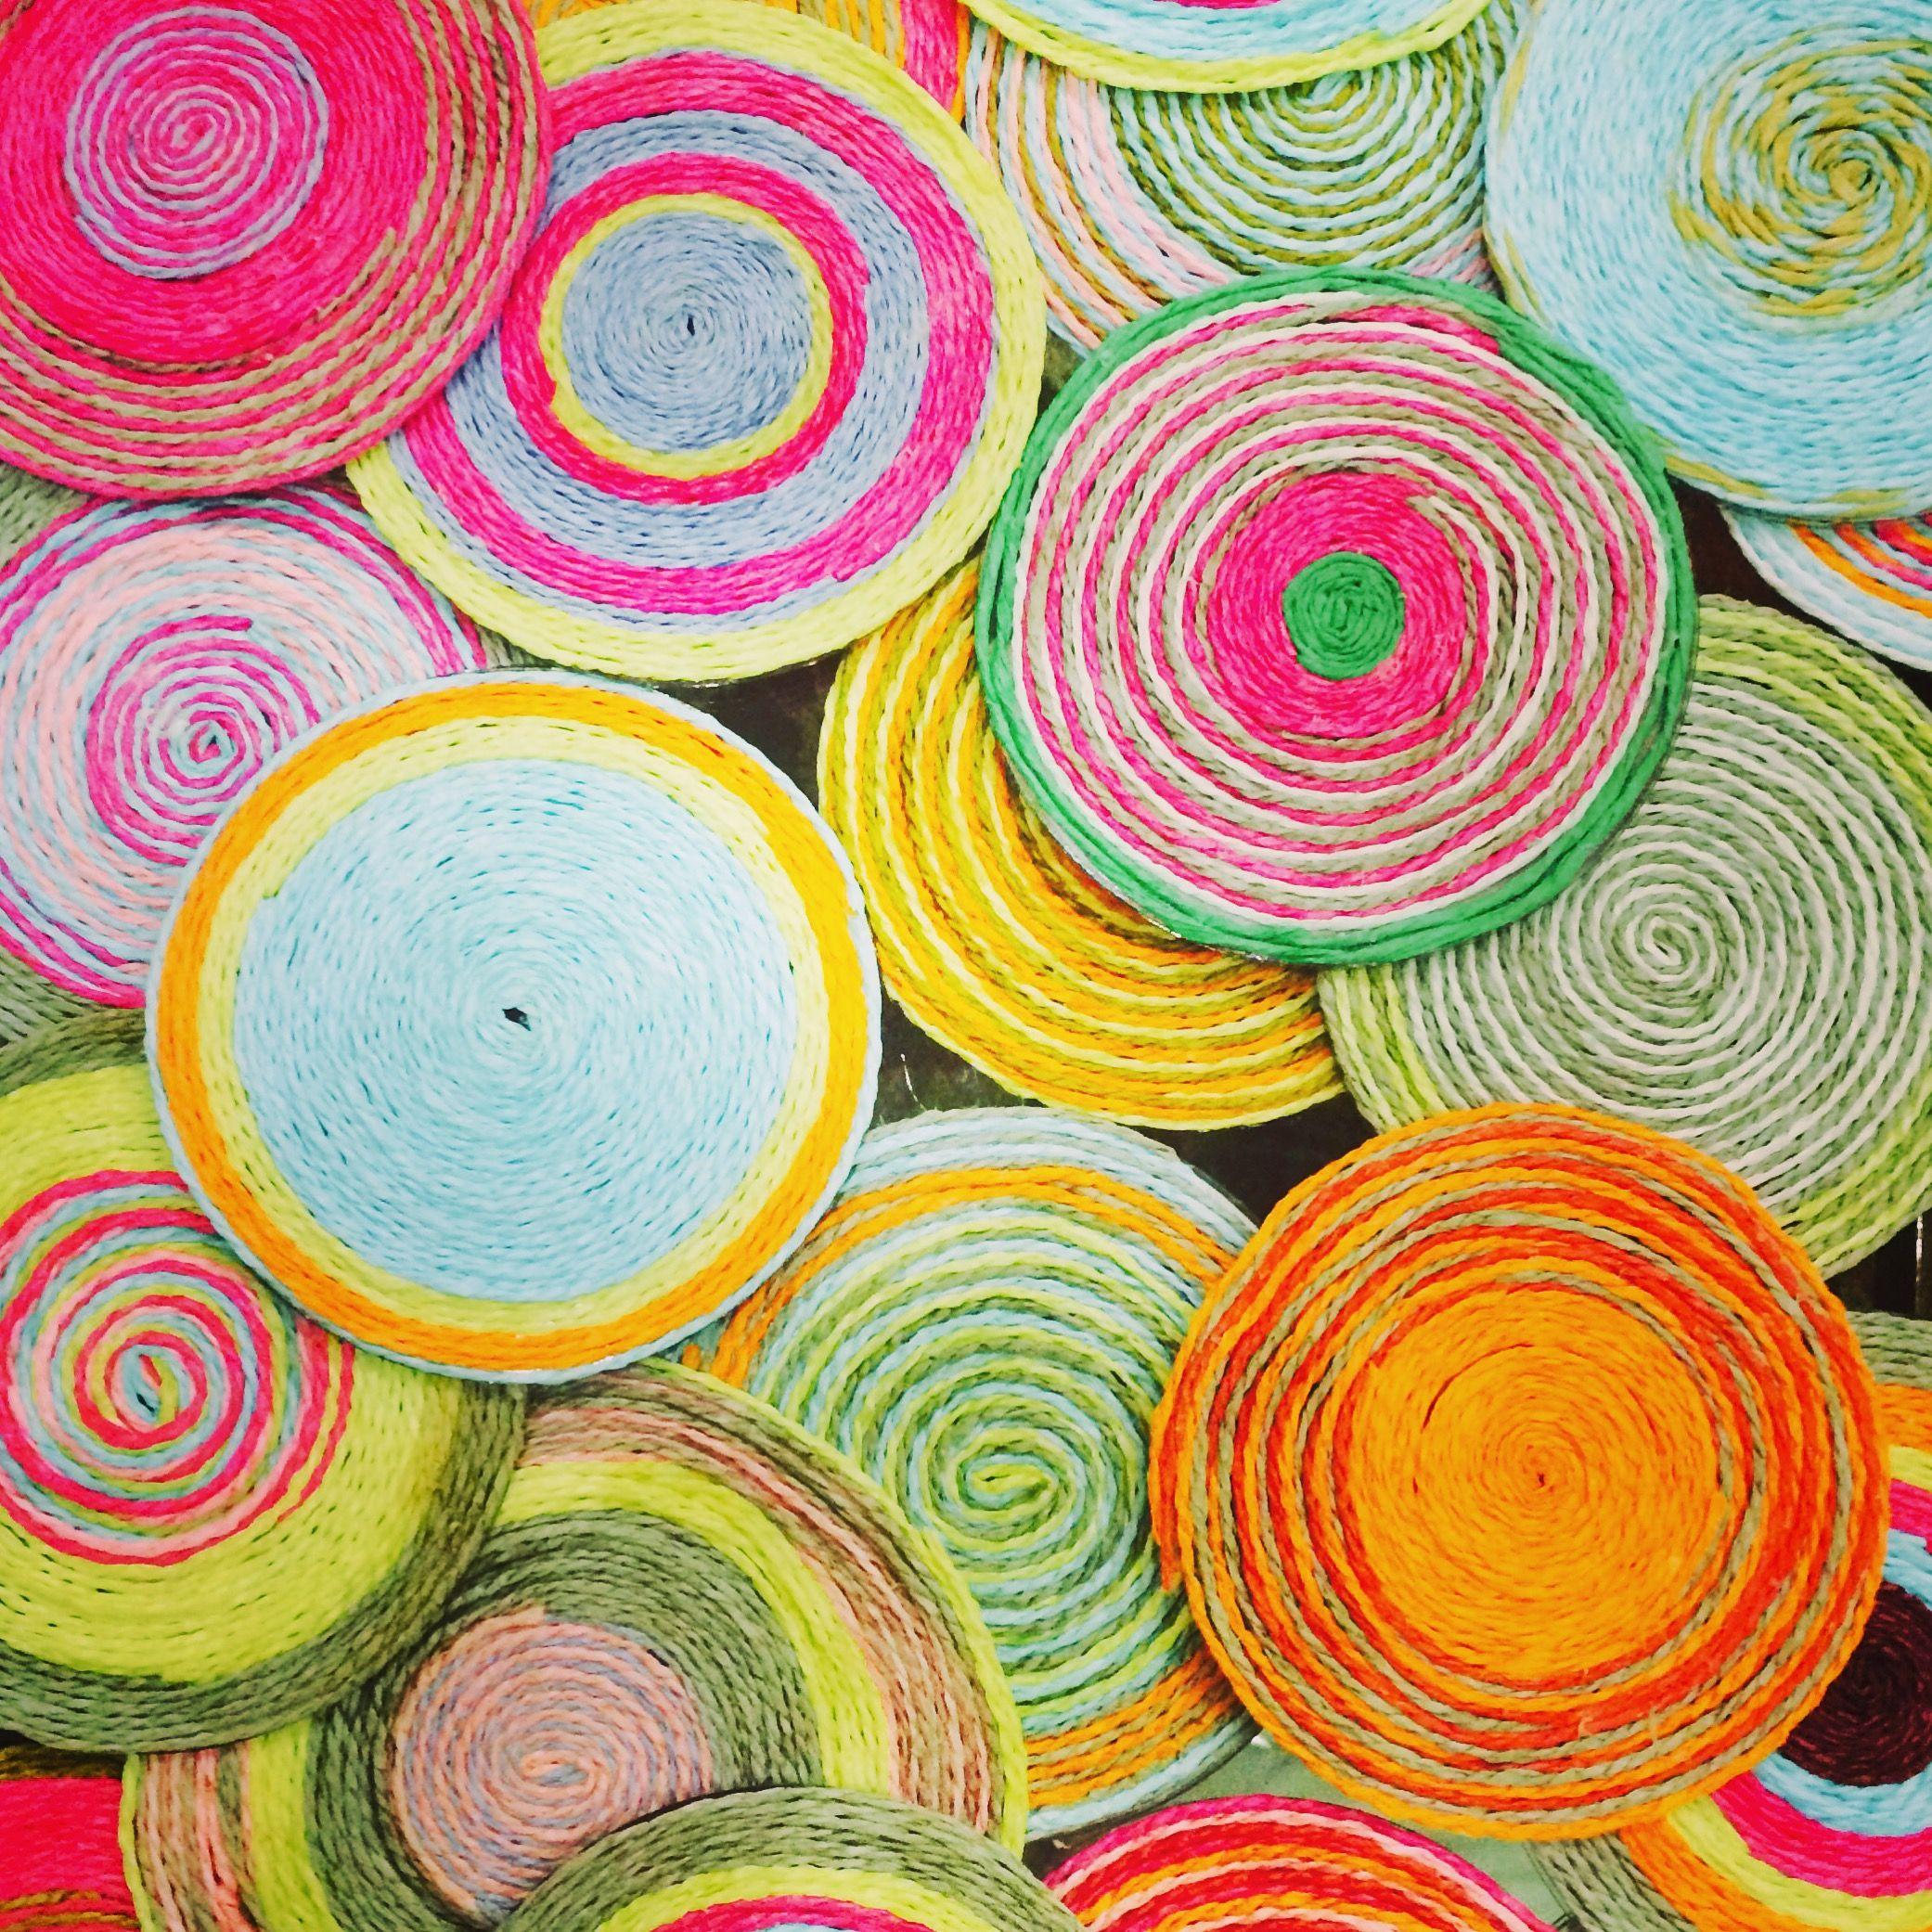 عمل فني للاطفال والكبار من خامات البيئه المعاد تصنيعها حبال الورق الملونه والاسطوانات المستخدمه Colorful Collage Artwork Fo Paper Collage Handmade Collage